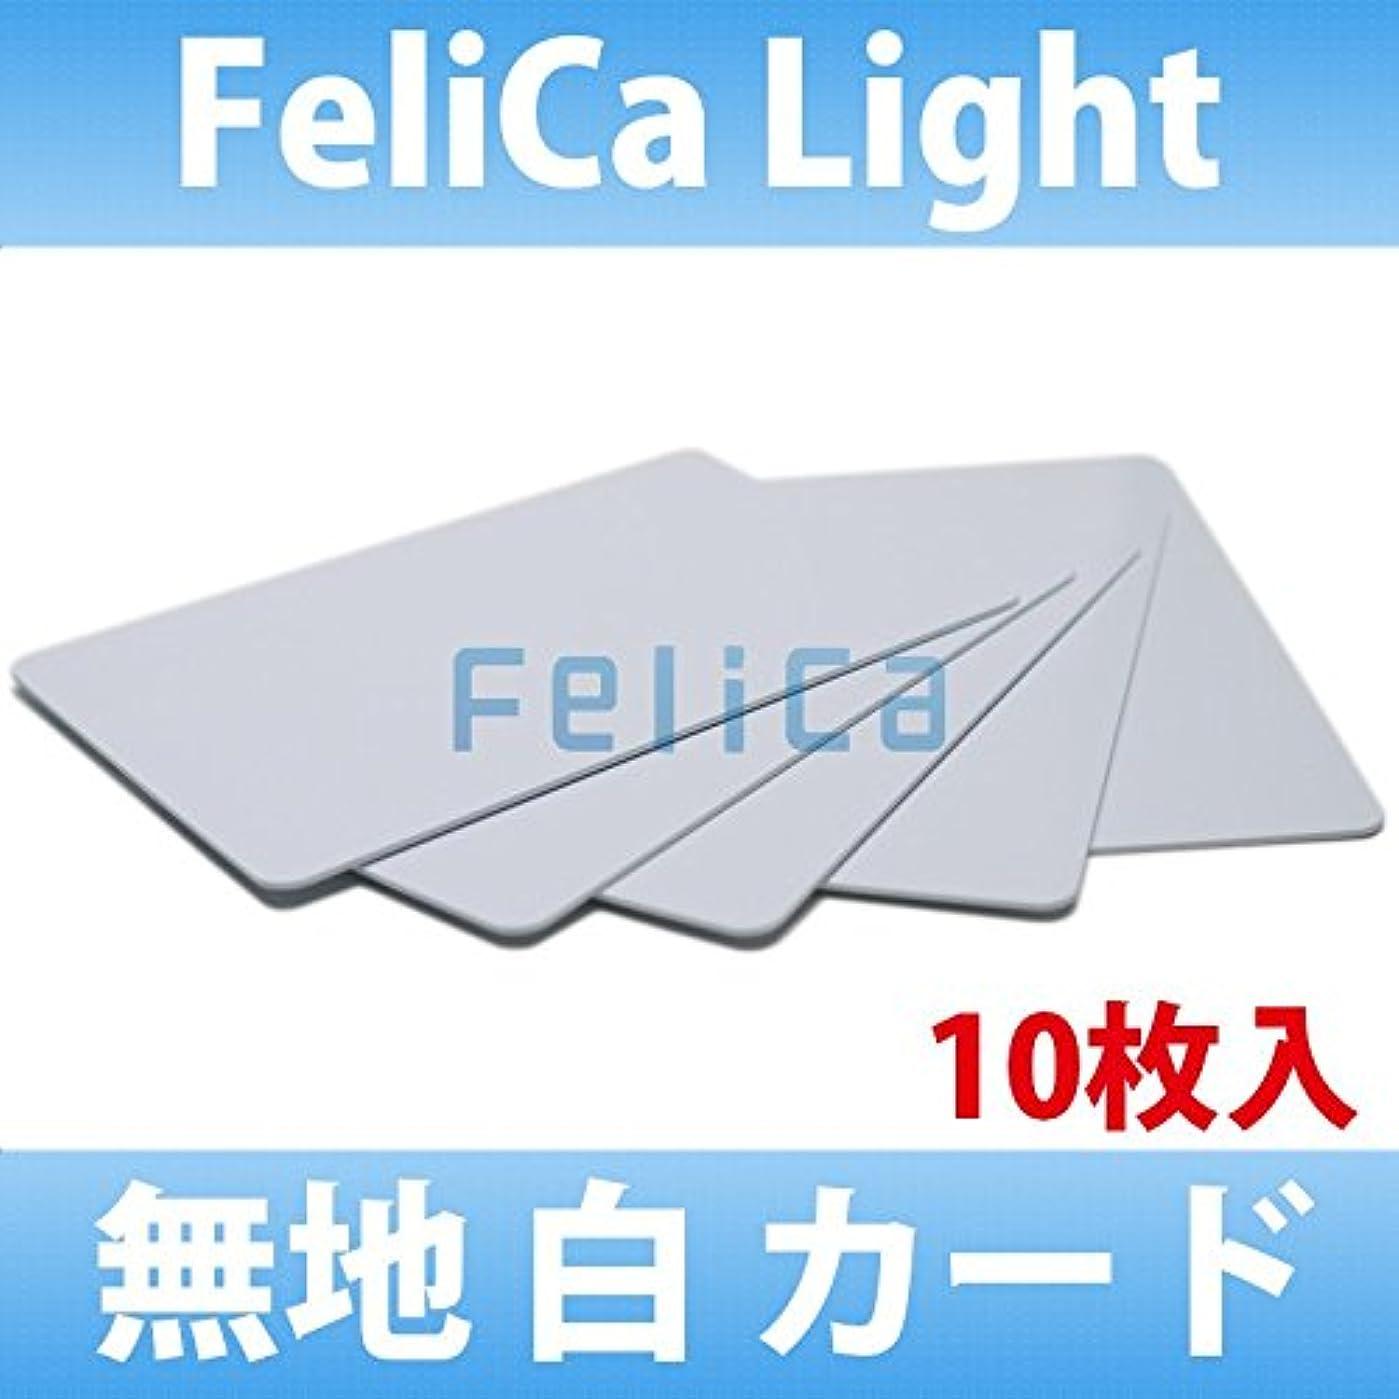 おばあさんほとんどない辞書FeliCa Lite カード フェリカ ライト カード (10枚セット)